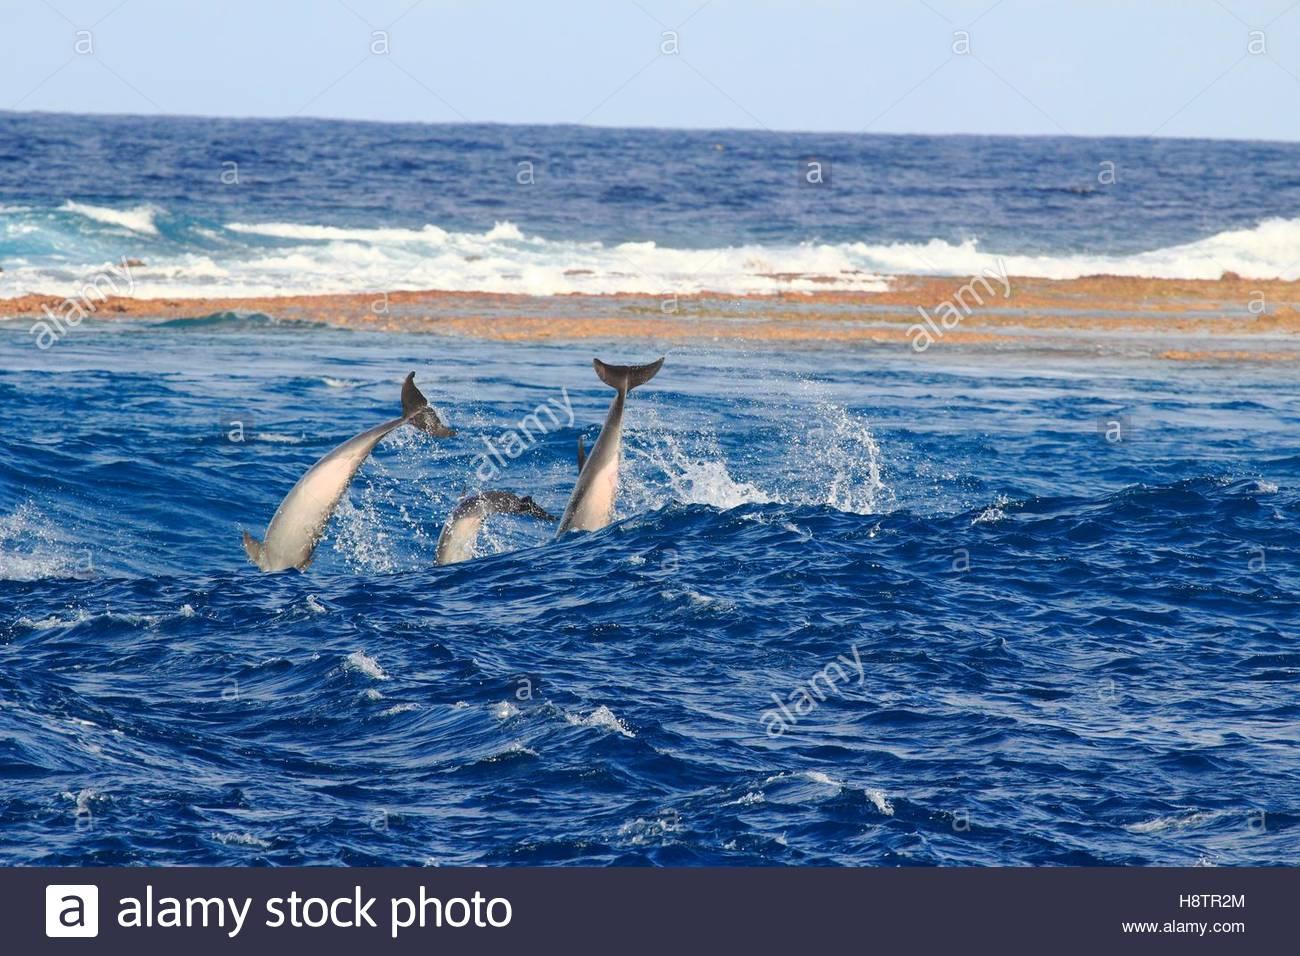 Bottlenose Dolphins (Tursiops truncates) in Tiputa pass, Rangiroa Atoll, French Polynesia. - Stock Image